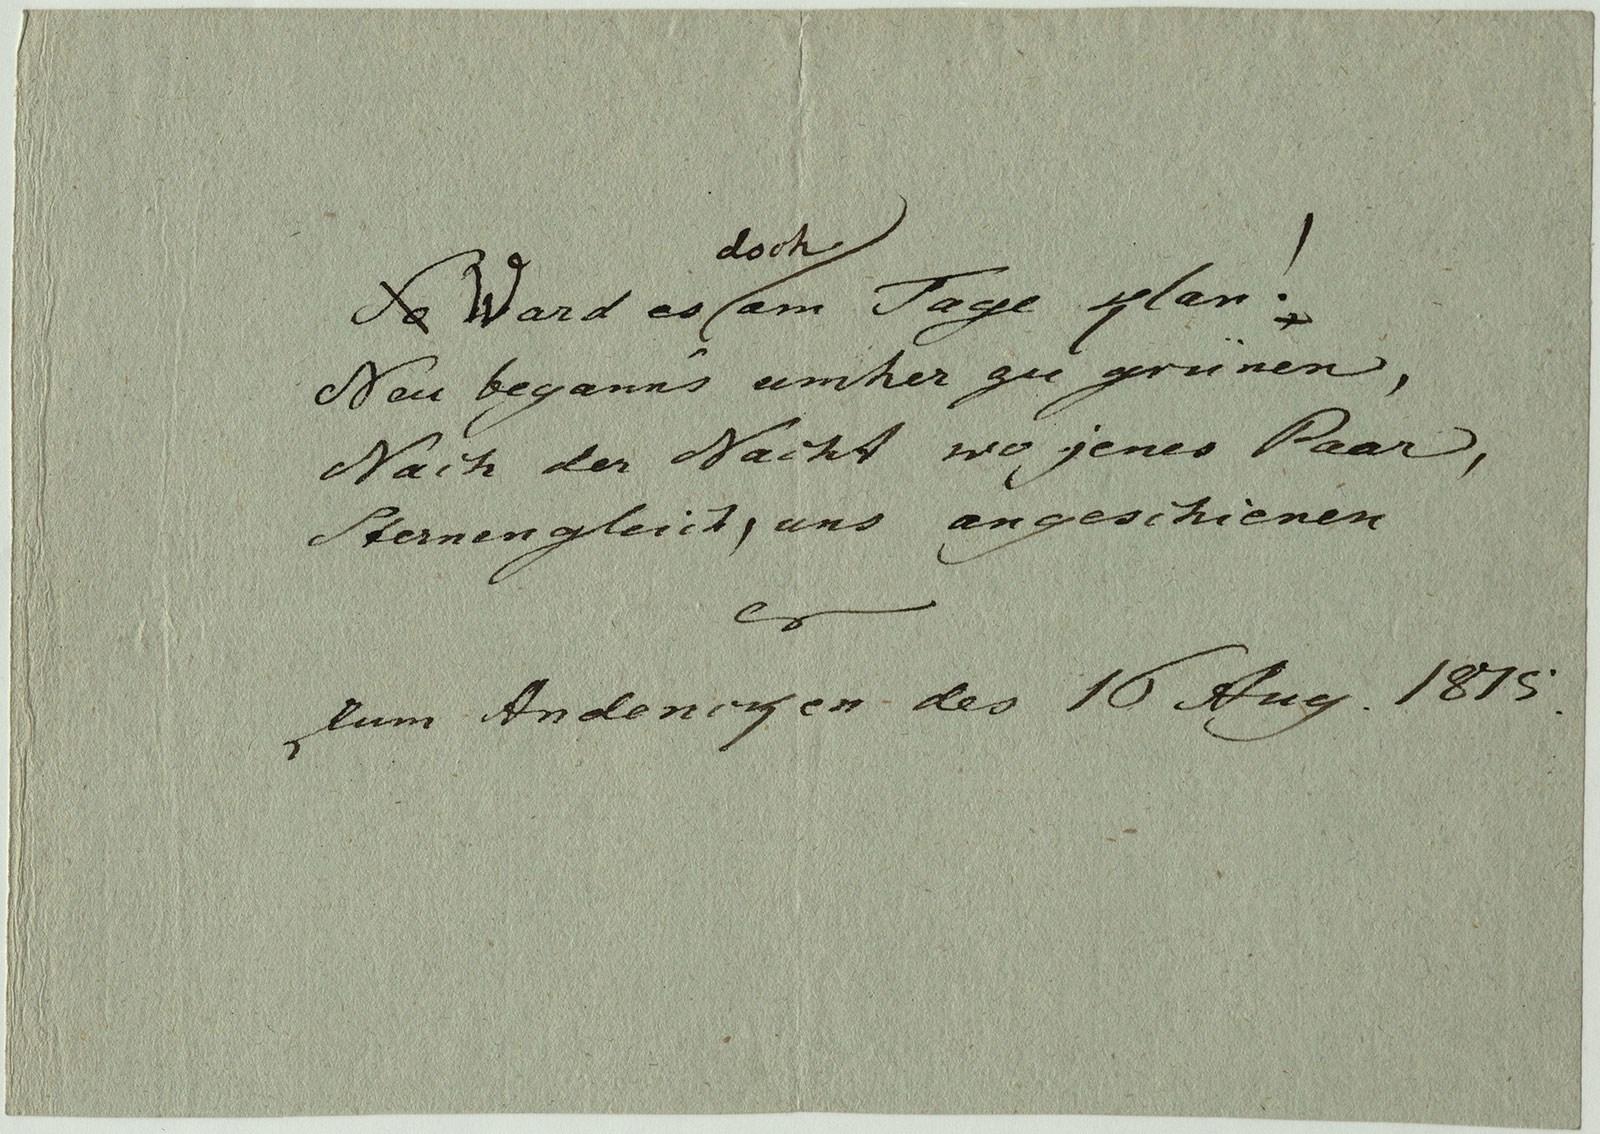 """""""Ward es doch am Tage klar"""" – eigenhändiger Entwurf Goethes eines Widmungsgedichtes in Erinnerung an die Begegnung mit Friederike auf der Gerbermühle in Frankfurt am 16. August 1815"""